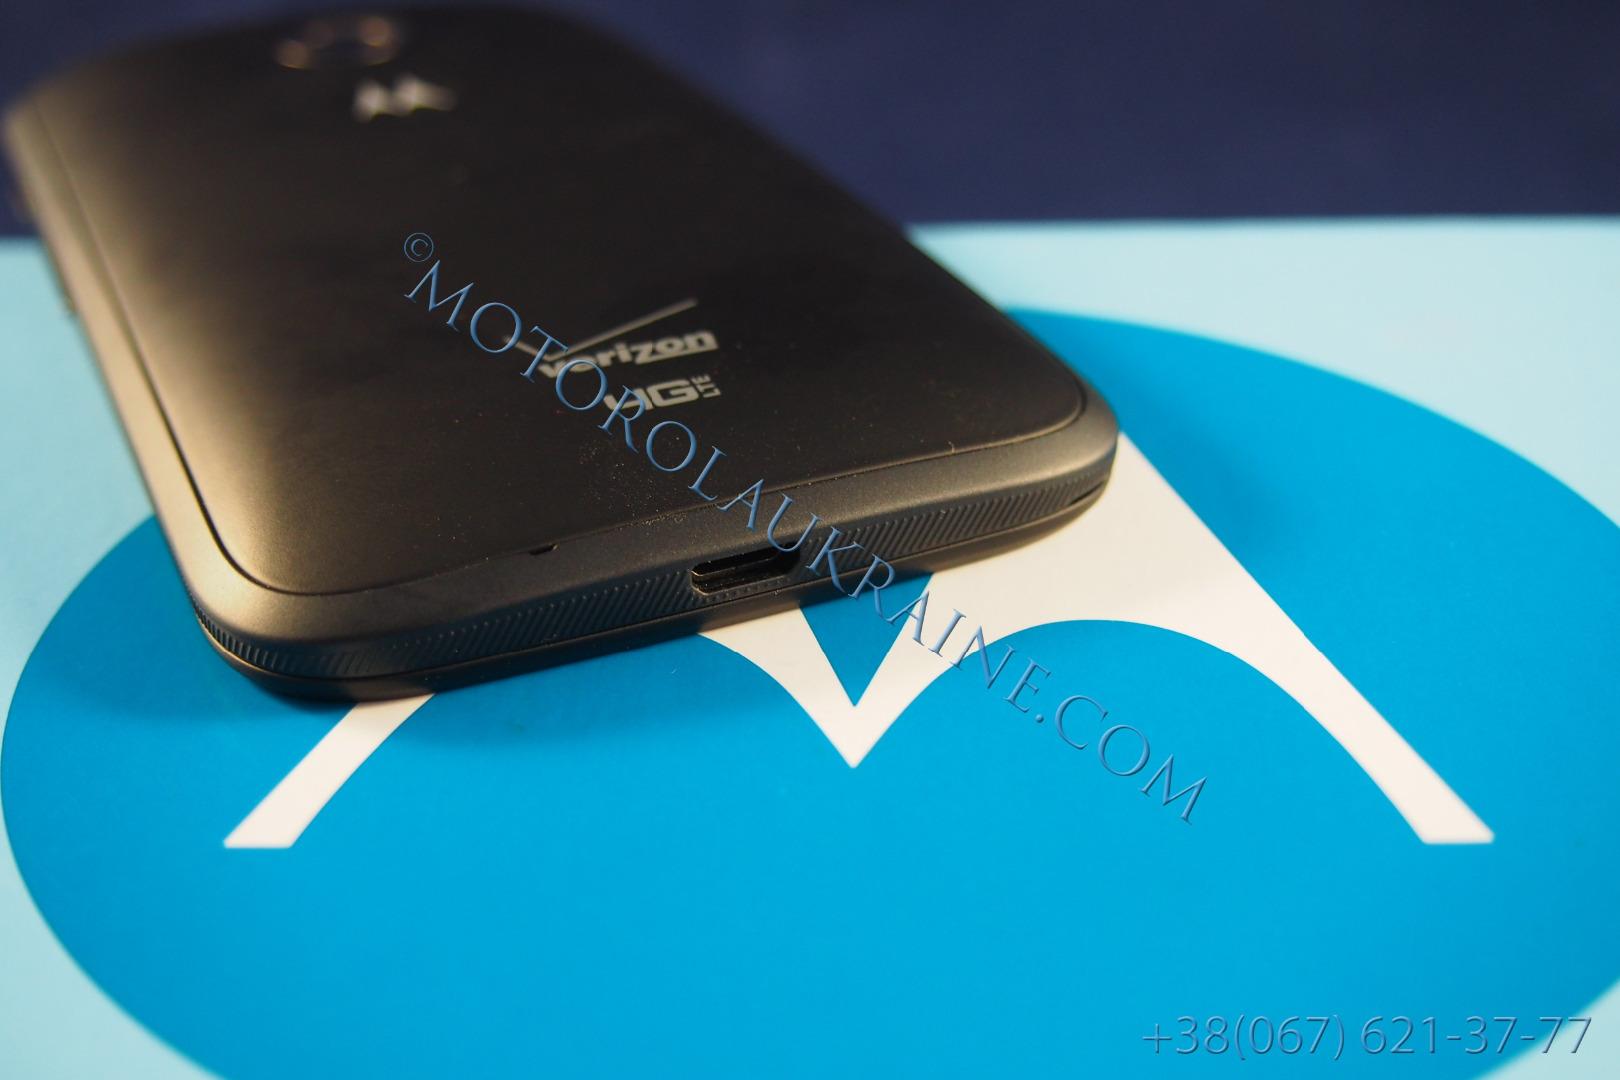 Motorola Moto E (2nd gen) XT1528